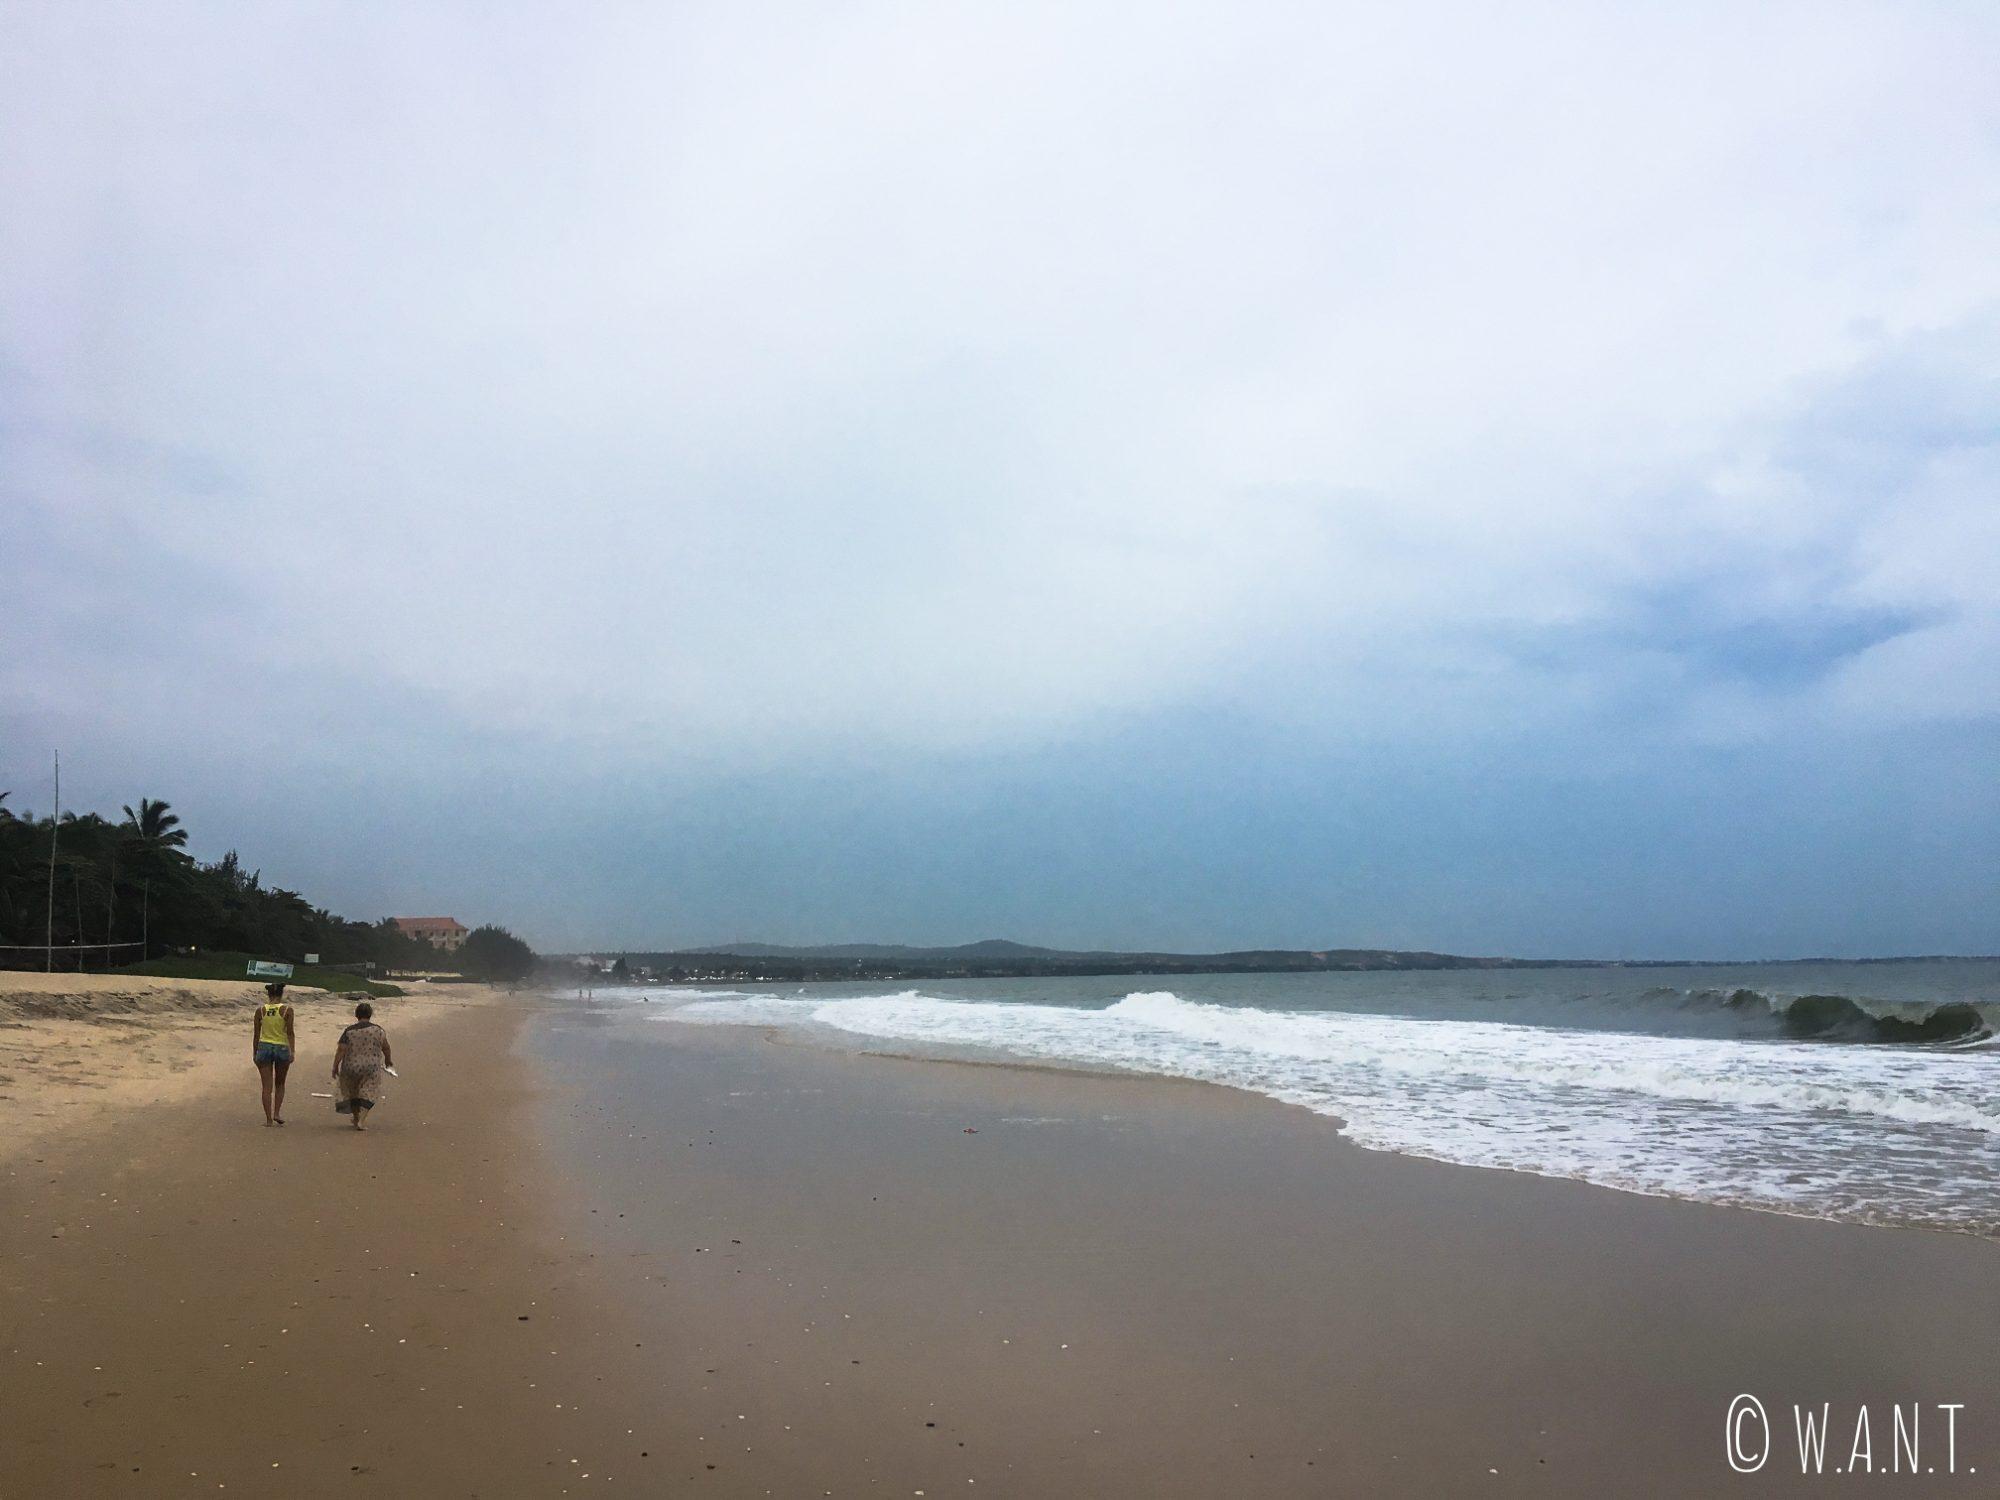 Promenade en fin de soirée sur la plage de Mui Ne